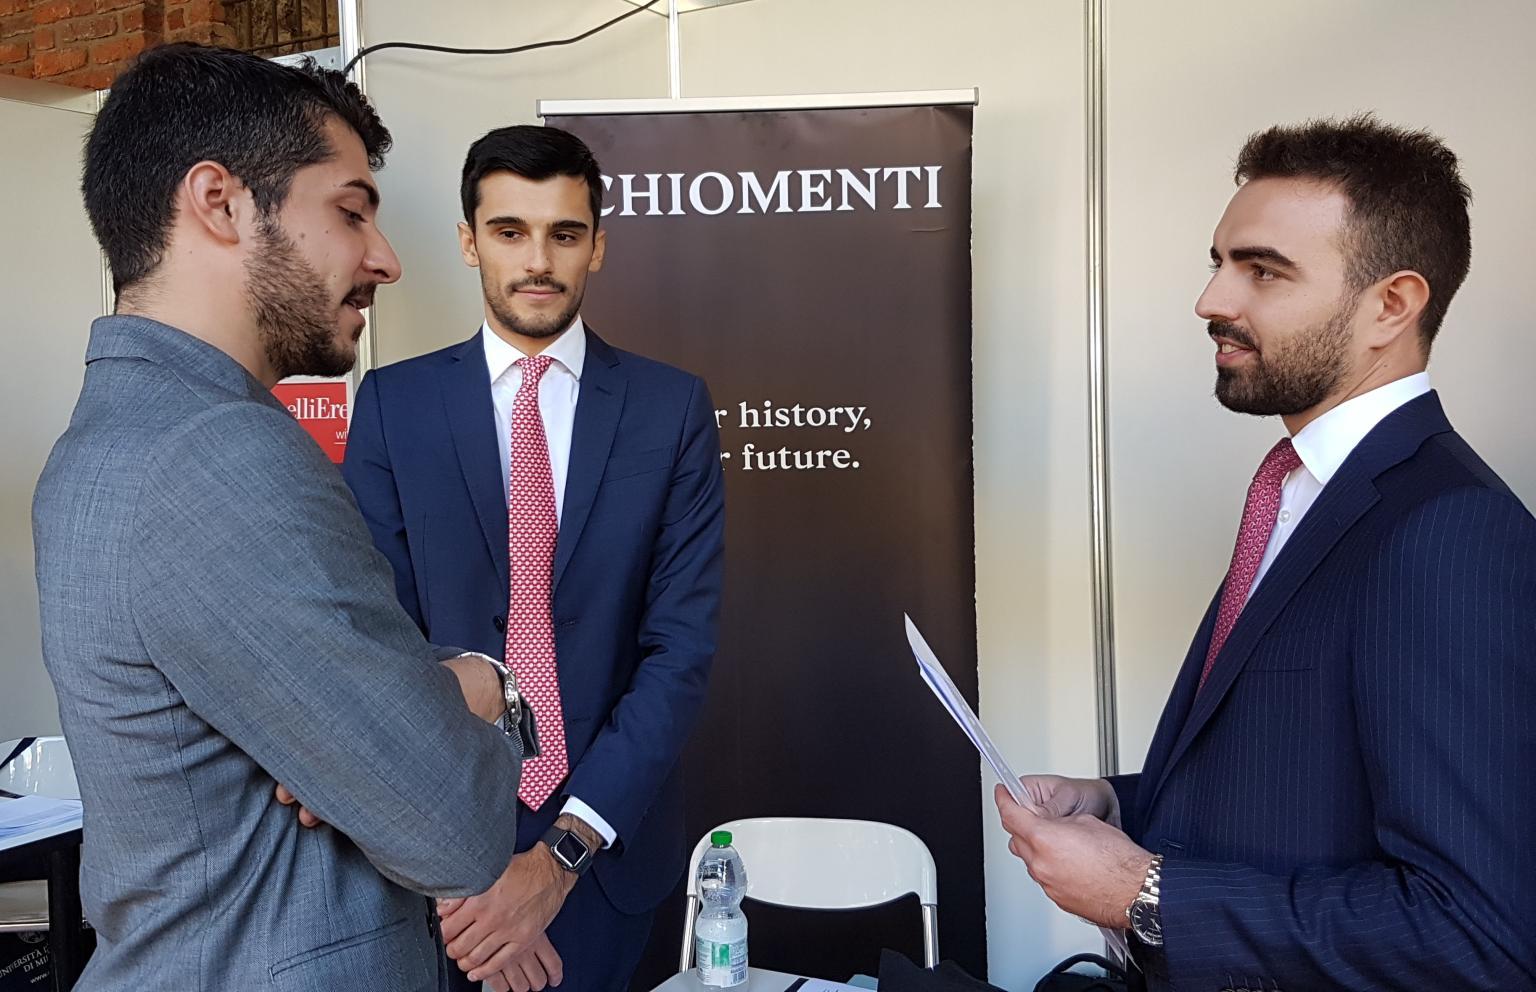 Chiomenti partecipa alla Job Fair 2019 presso Università degli Studi di Milano in programma mercoledì 2 ottobre 2019 (ore 10-17).